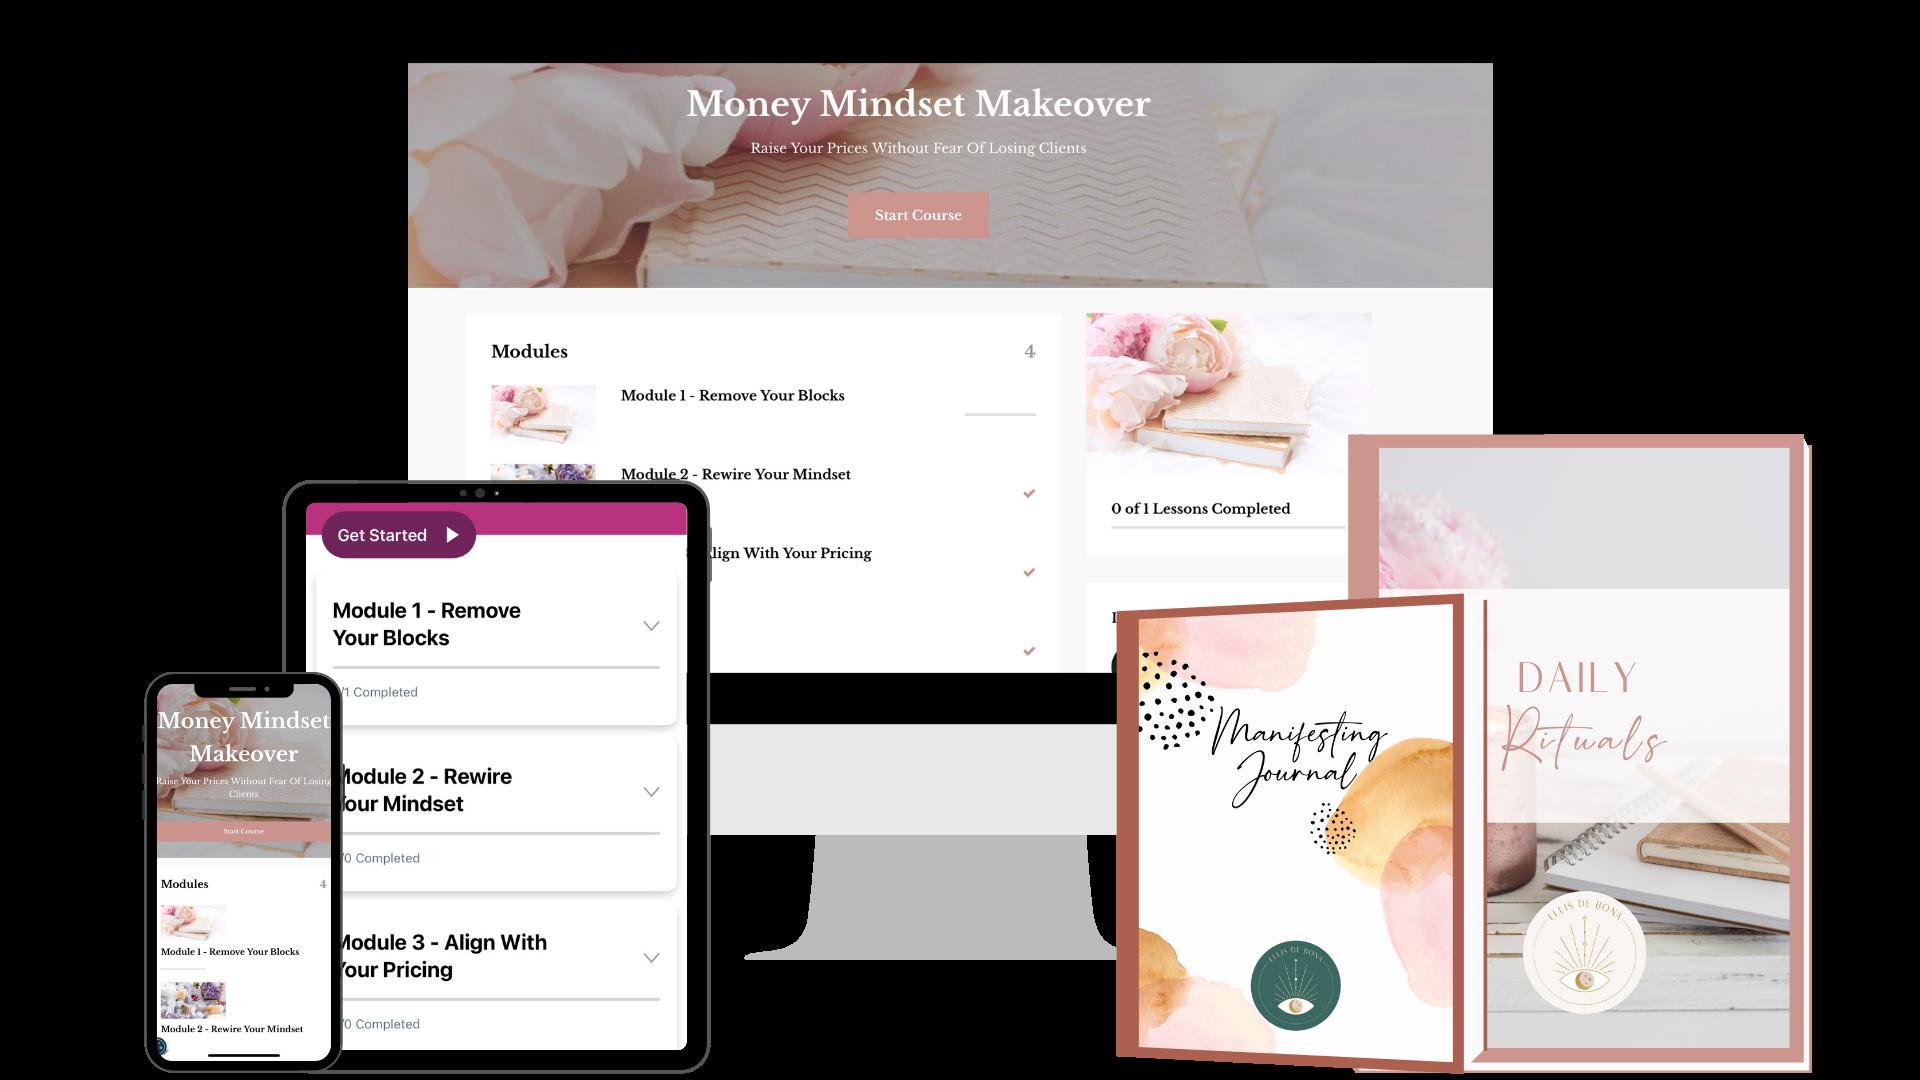 Money Mindset Makeover - Kajabi